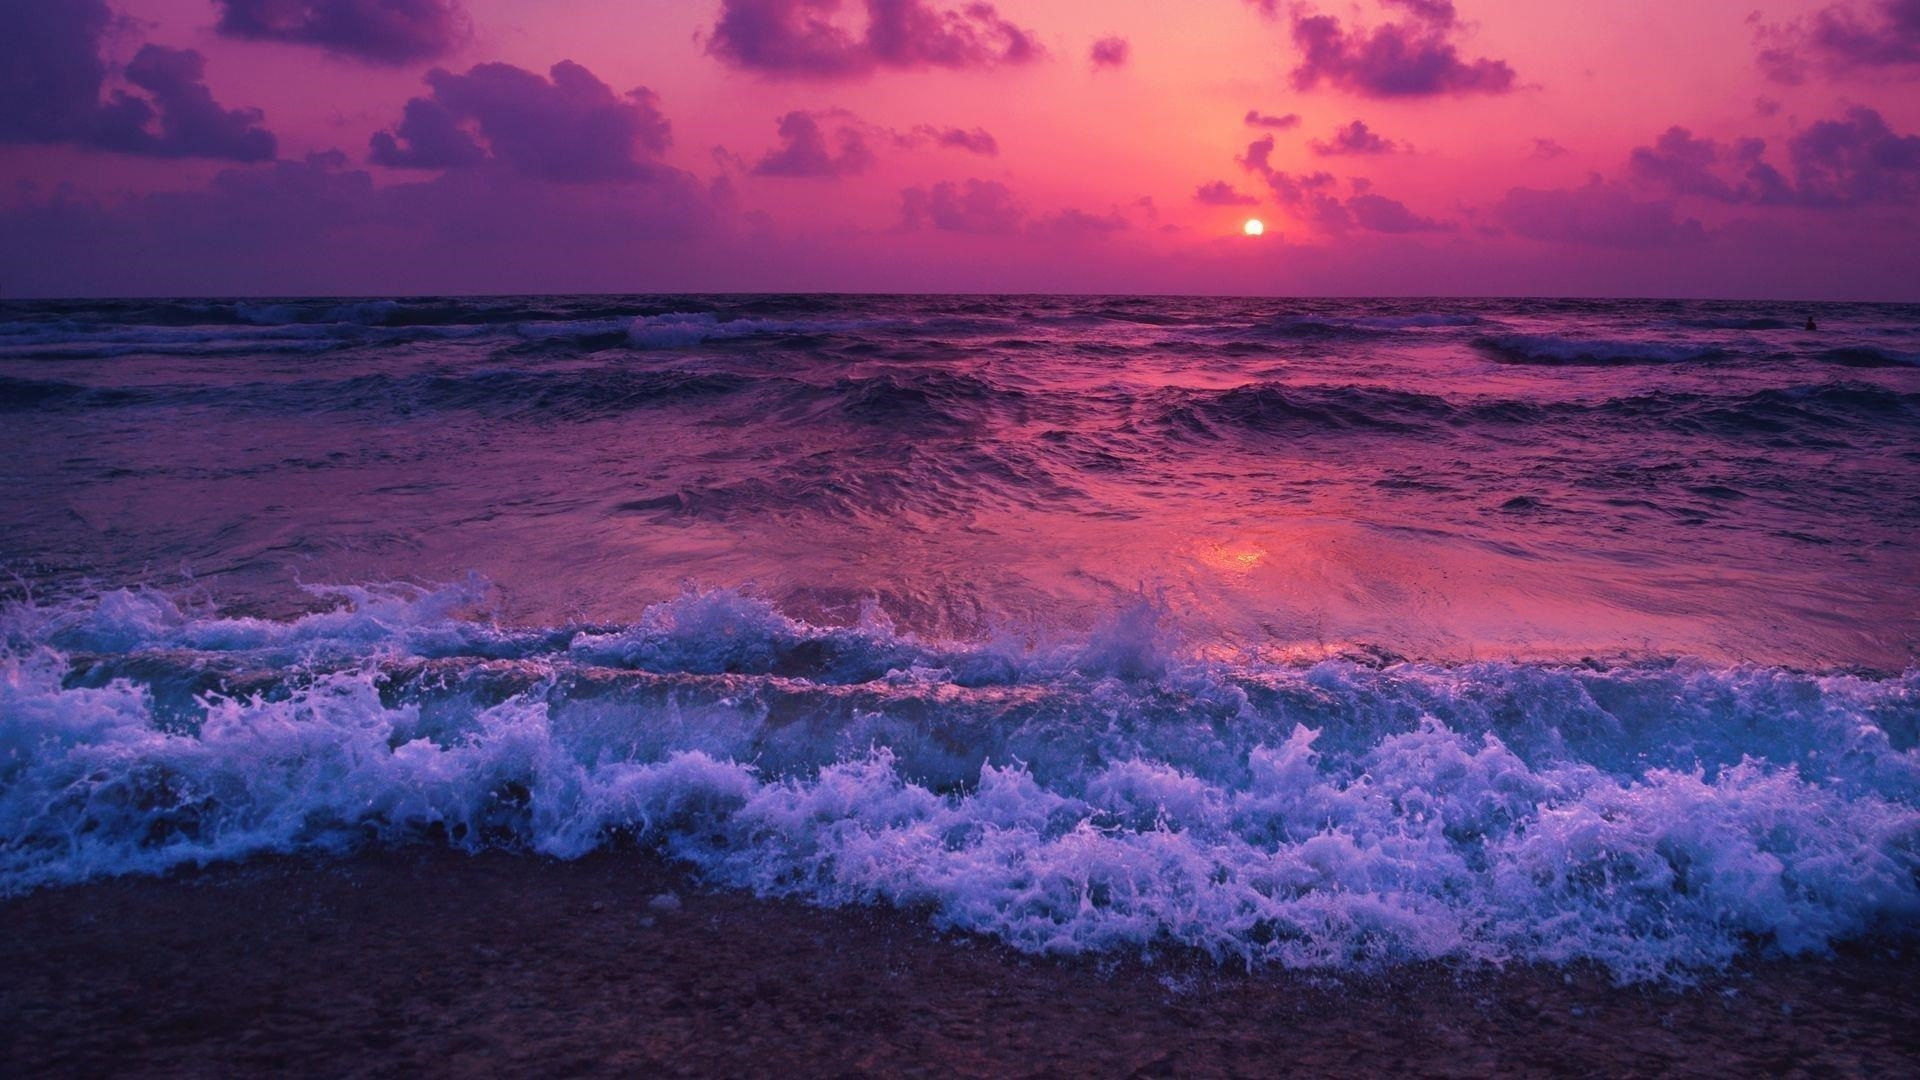 Фиолетовое облачное небо над океанскими волнами во время заката природа обои скачать